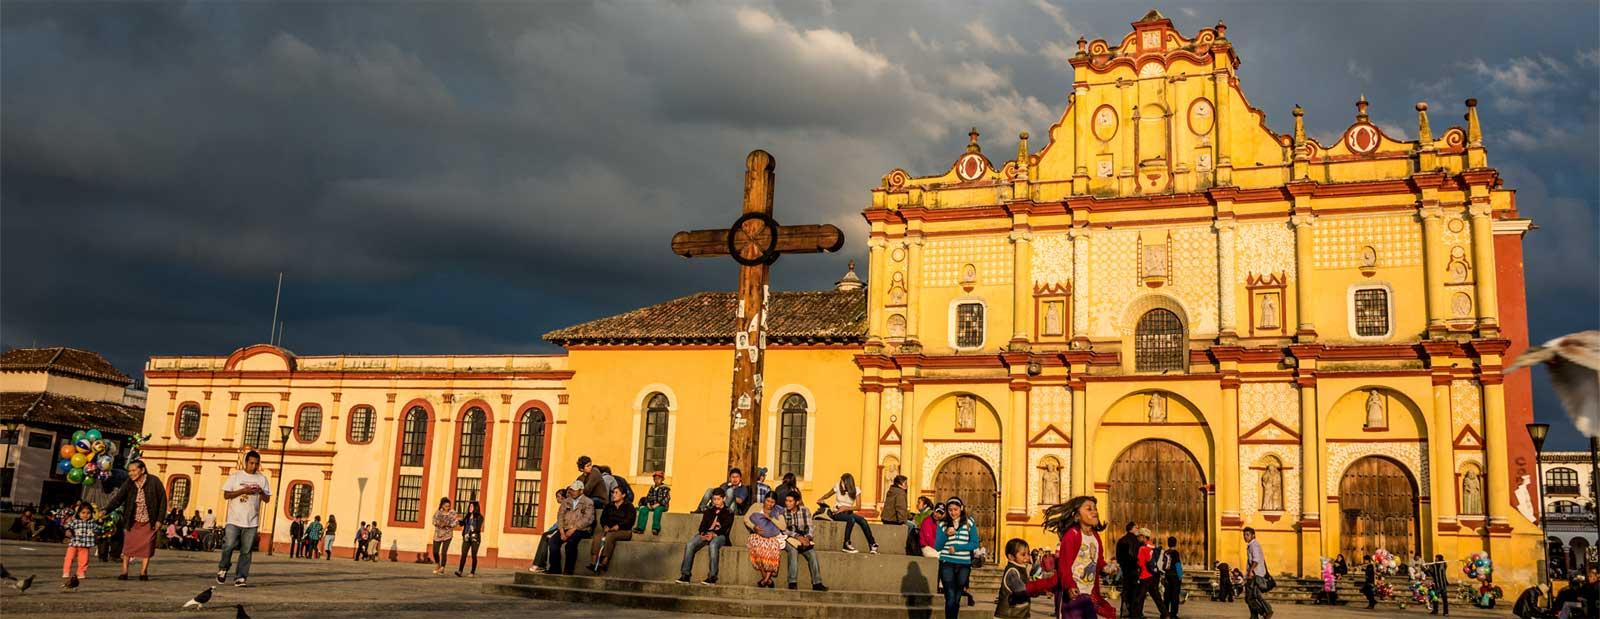 Pueblos magicos de mexico for Hotel azulejos san cristobal delas casas chiapas